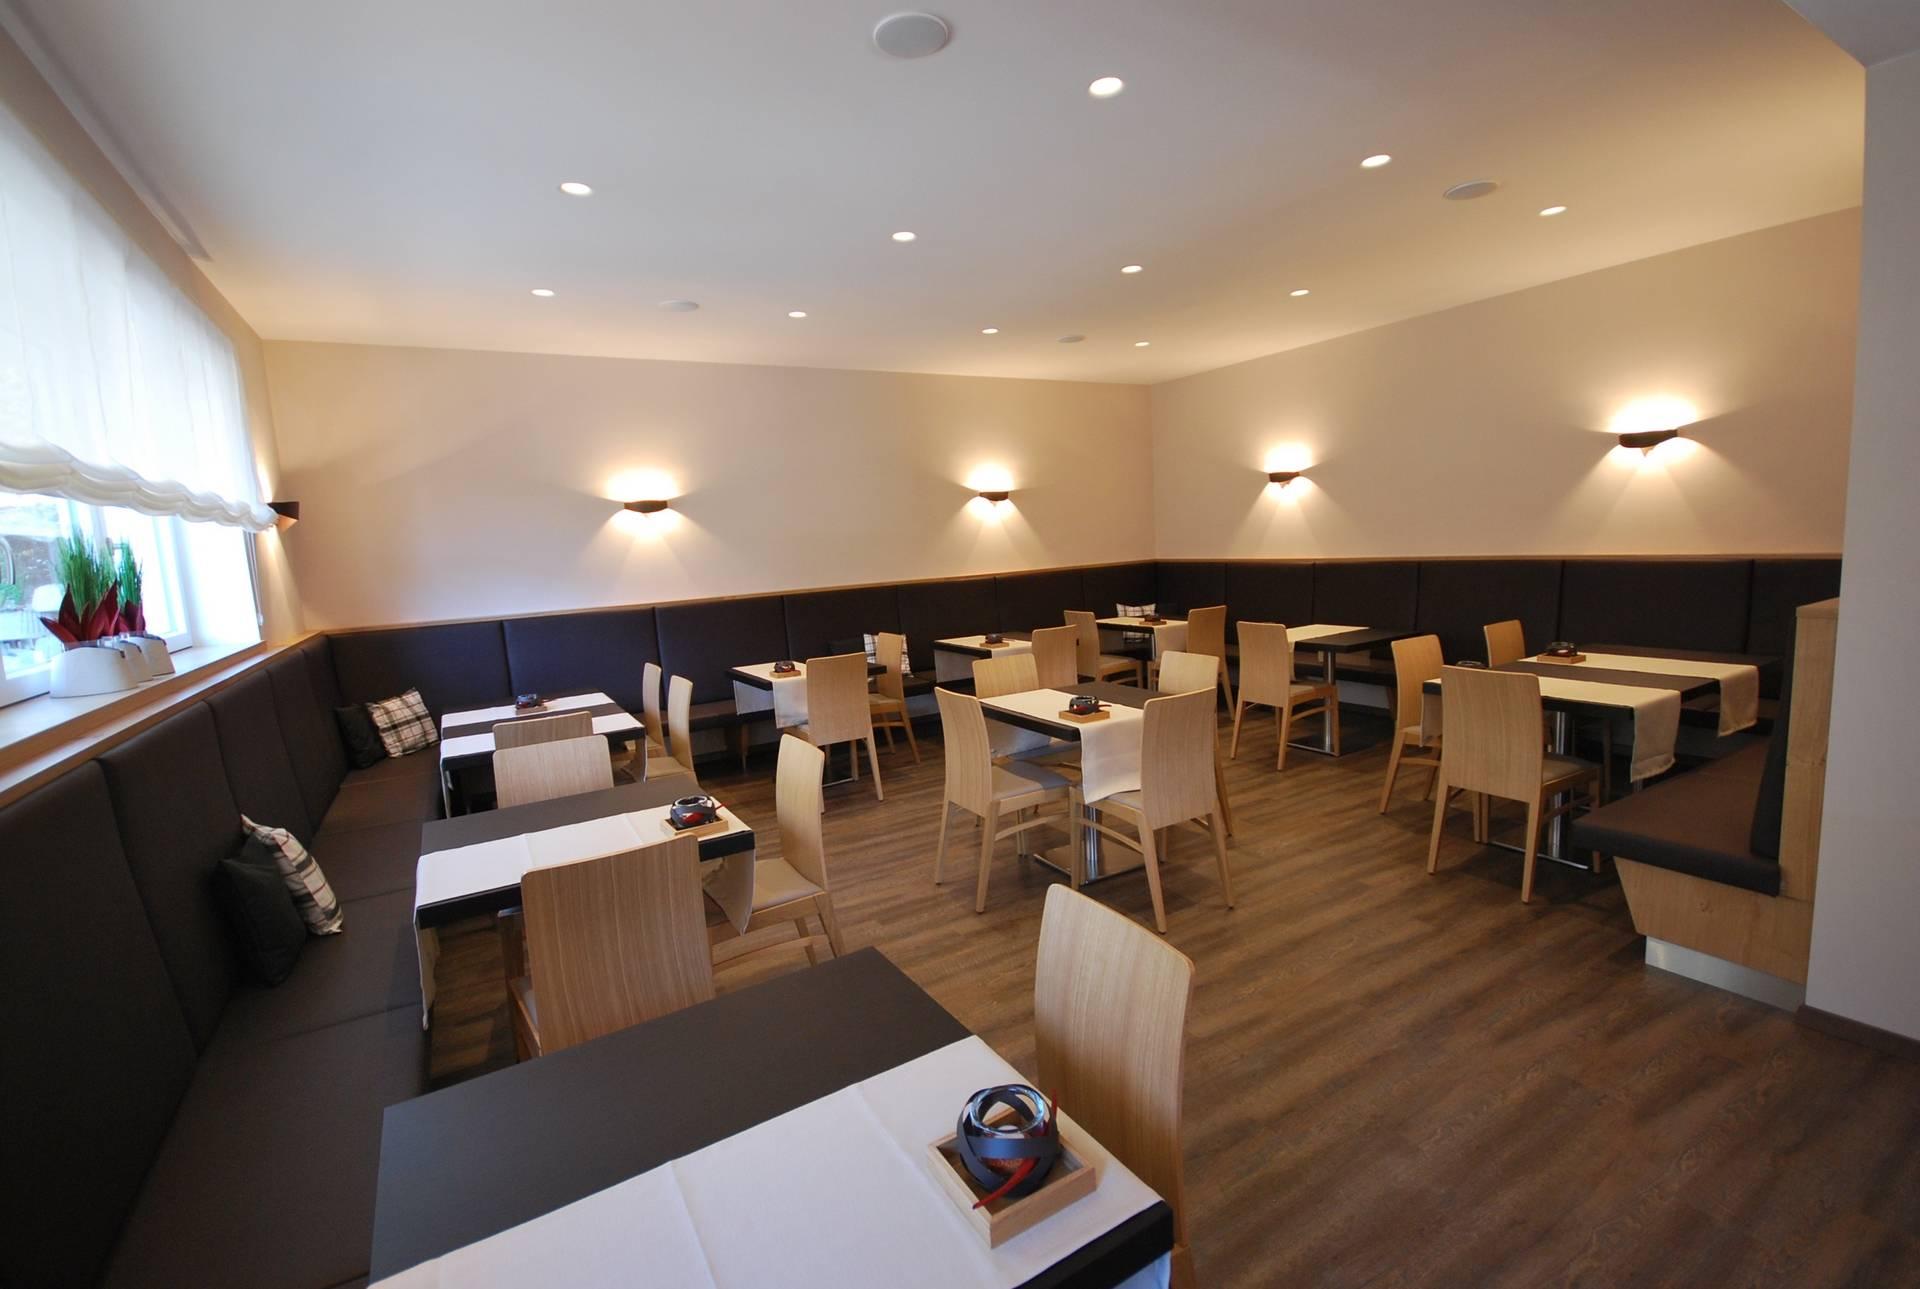 bar restaurant einrichtung selectiv interior design. Black Bedroom Furniture Sets. Home Design Ideas